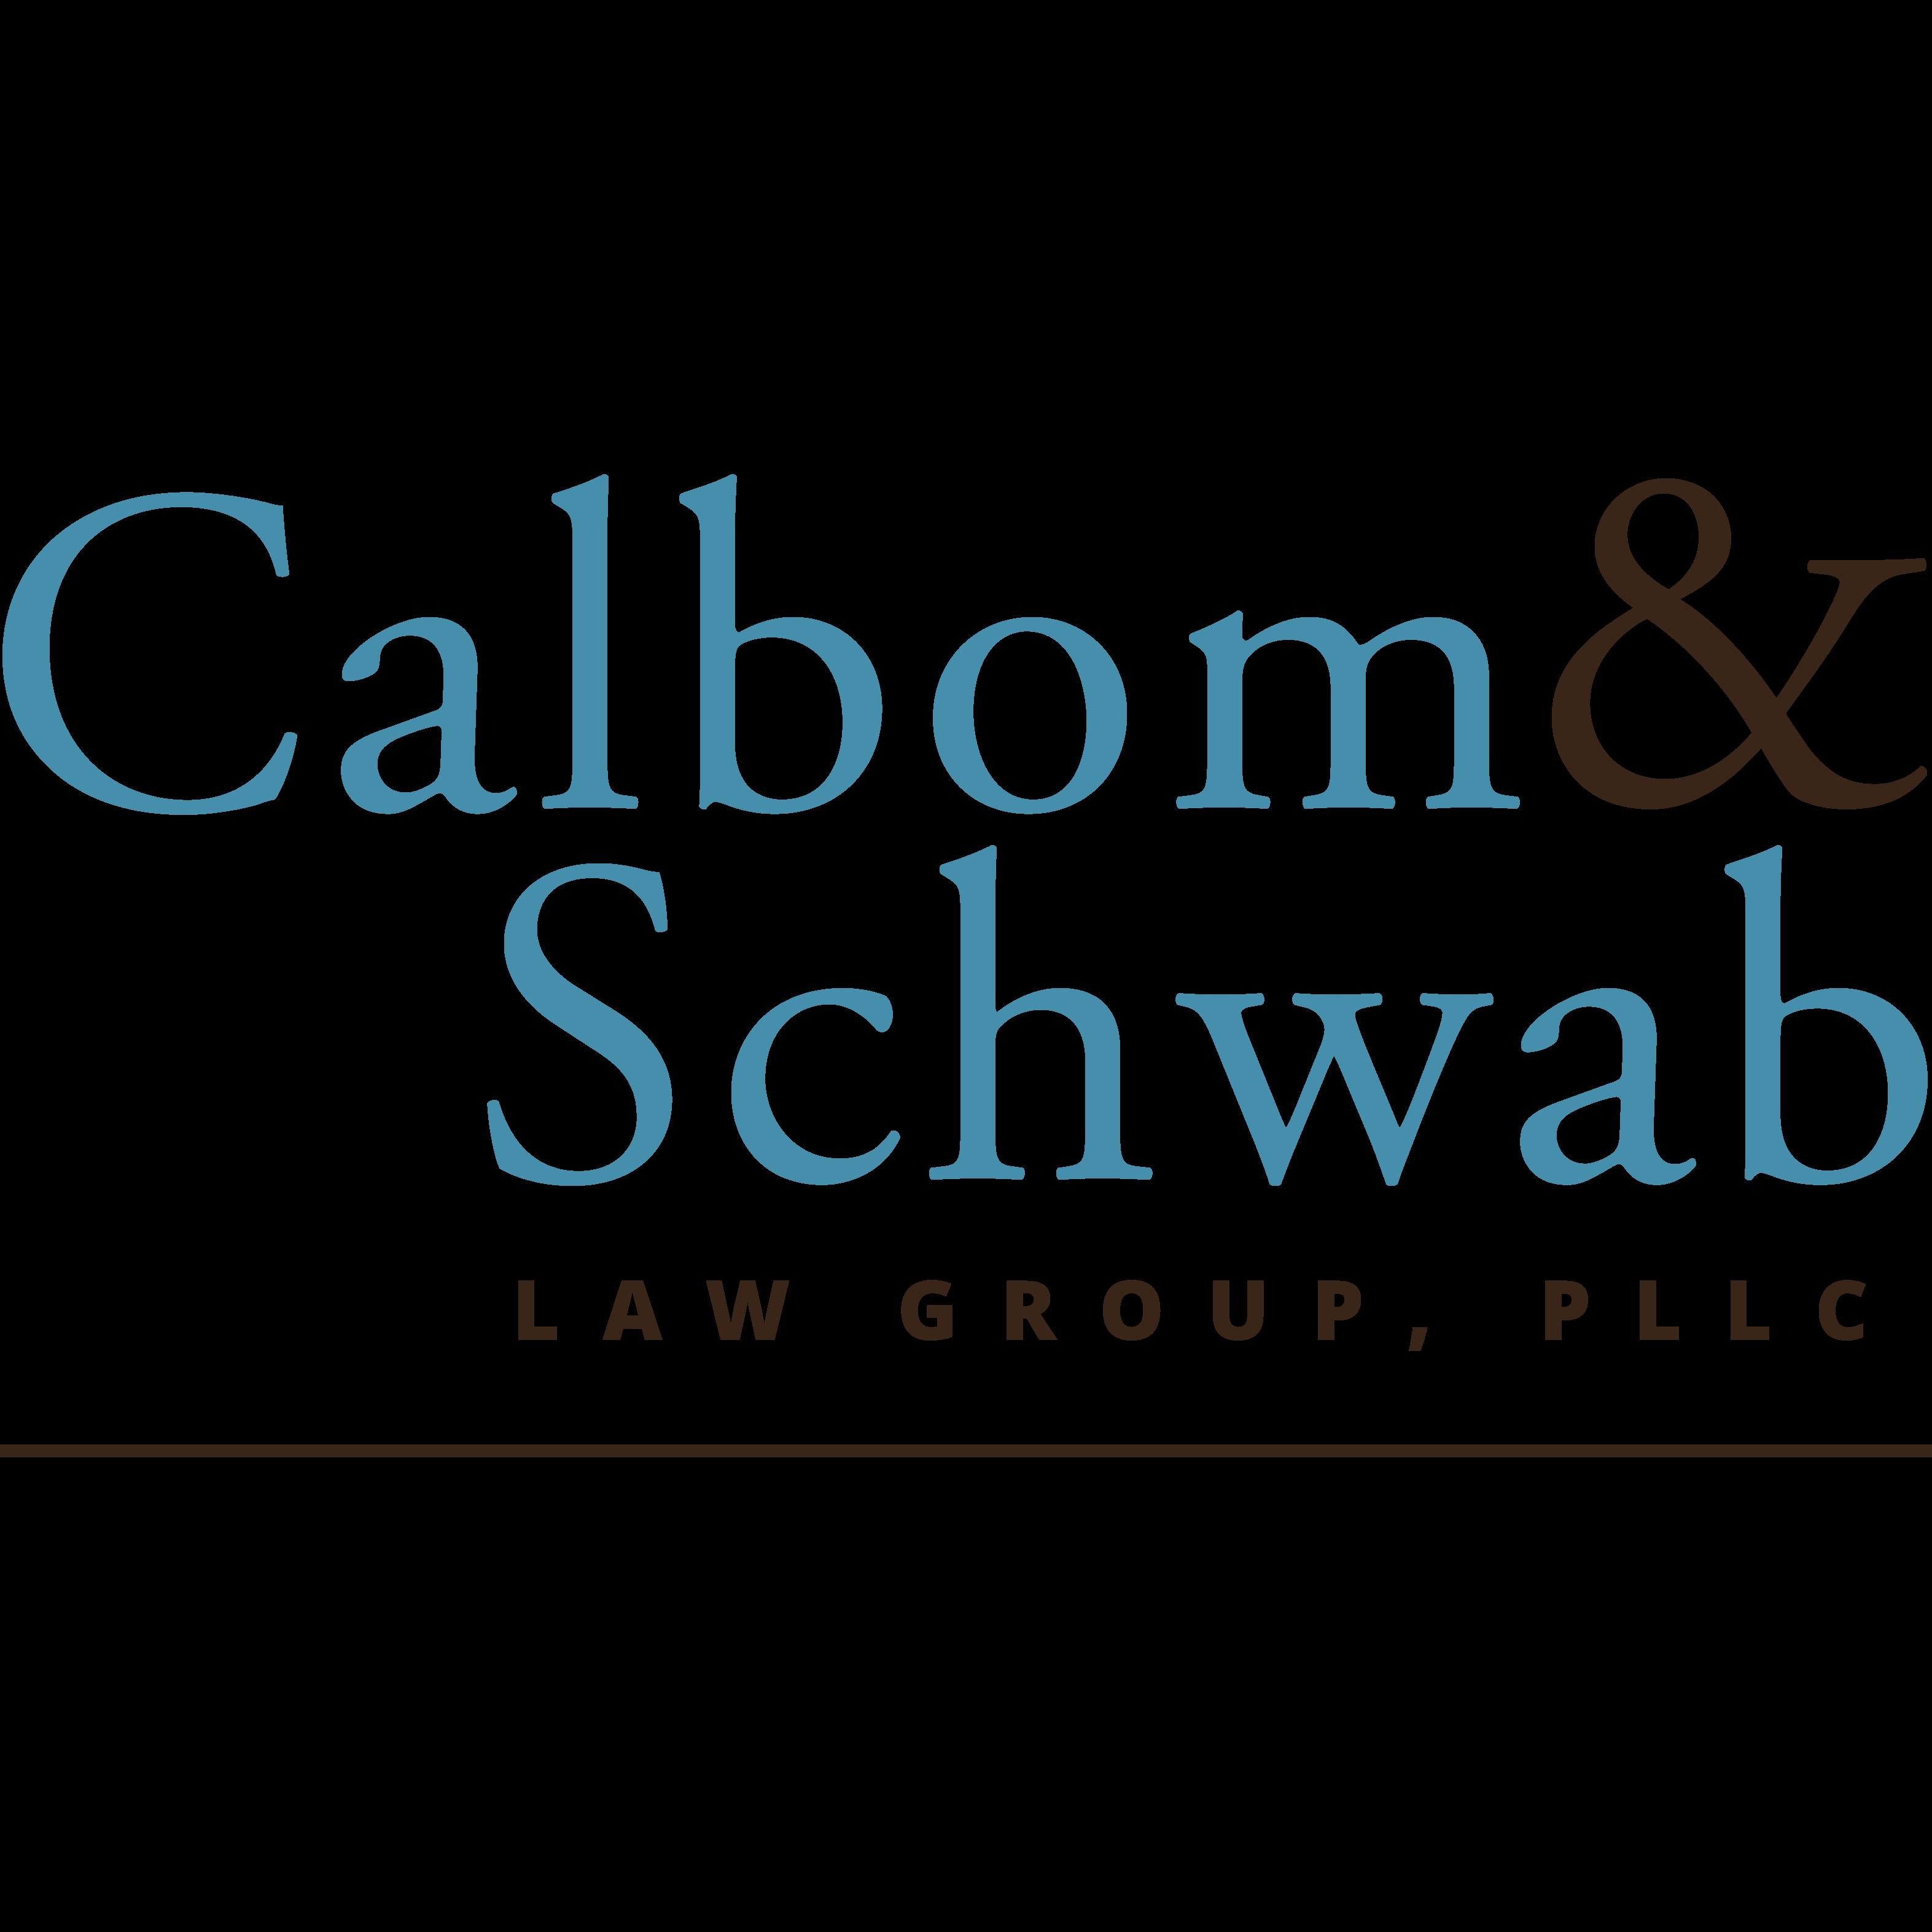 Calbom & Schwab Law Group, PLLC image 0